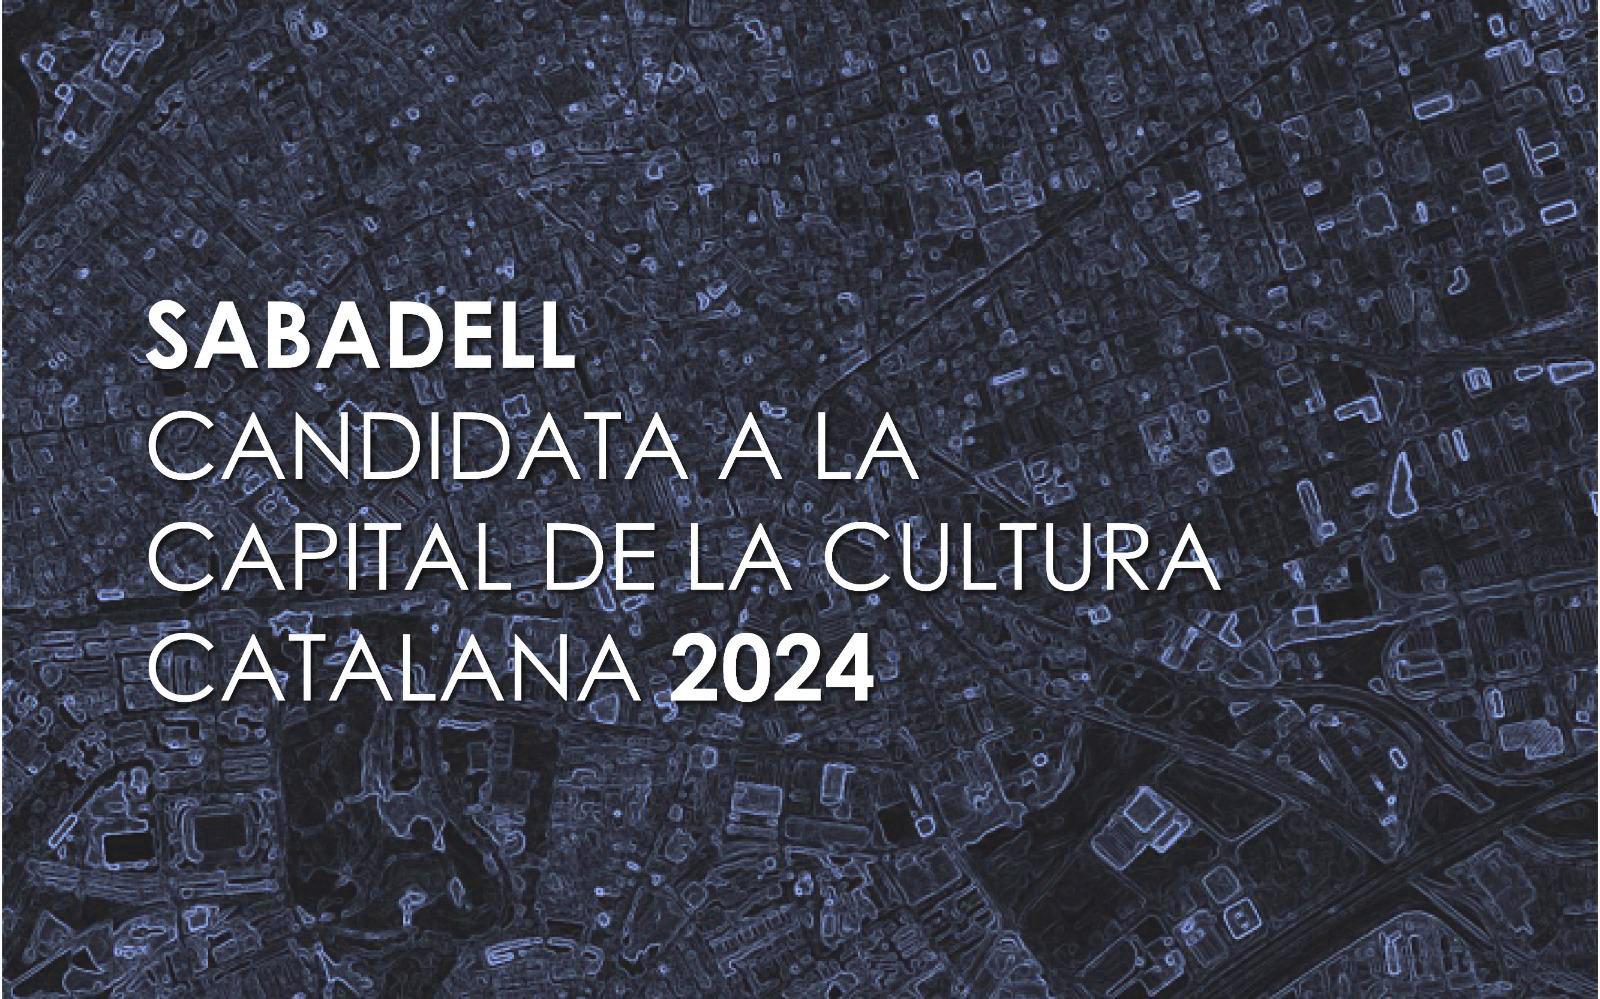 Sabadell capital de la cultura catalana 2024